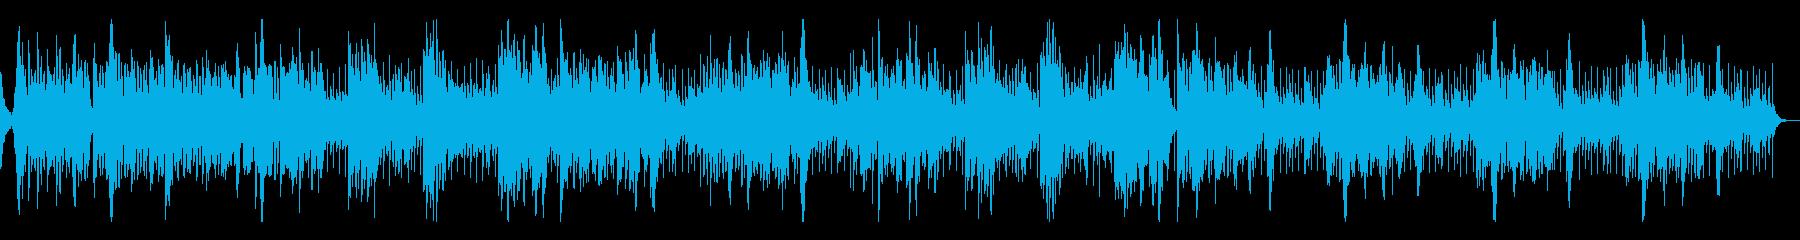 浮遊感/機械仕掛けのクリスマスの再生済みの波形